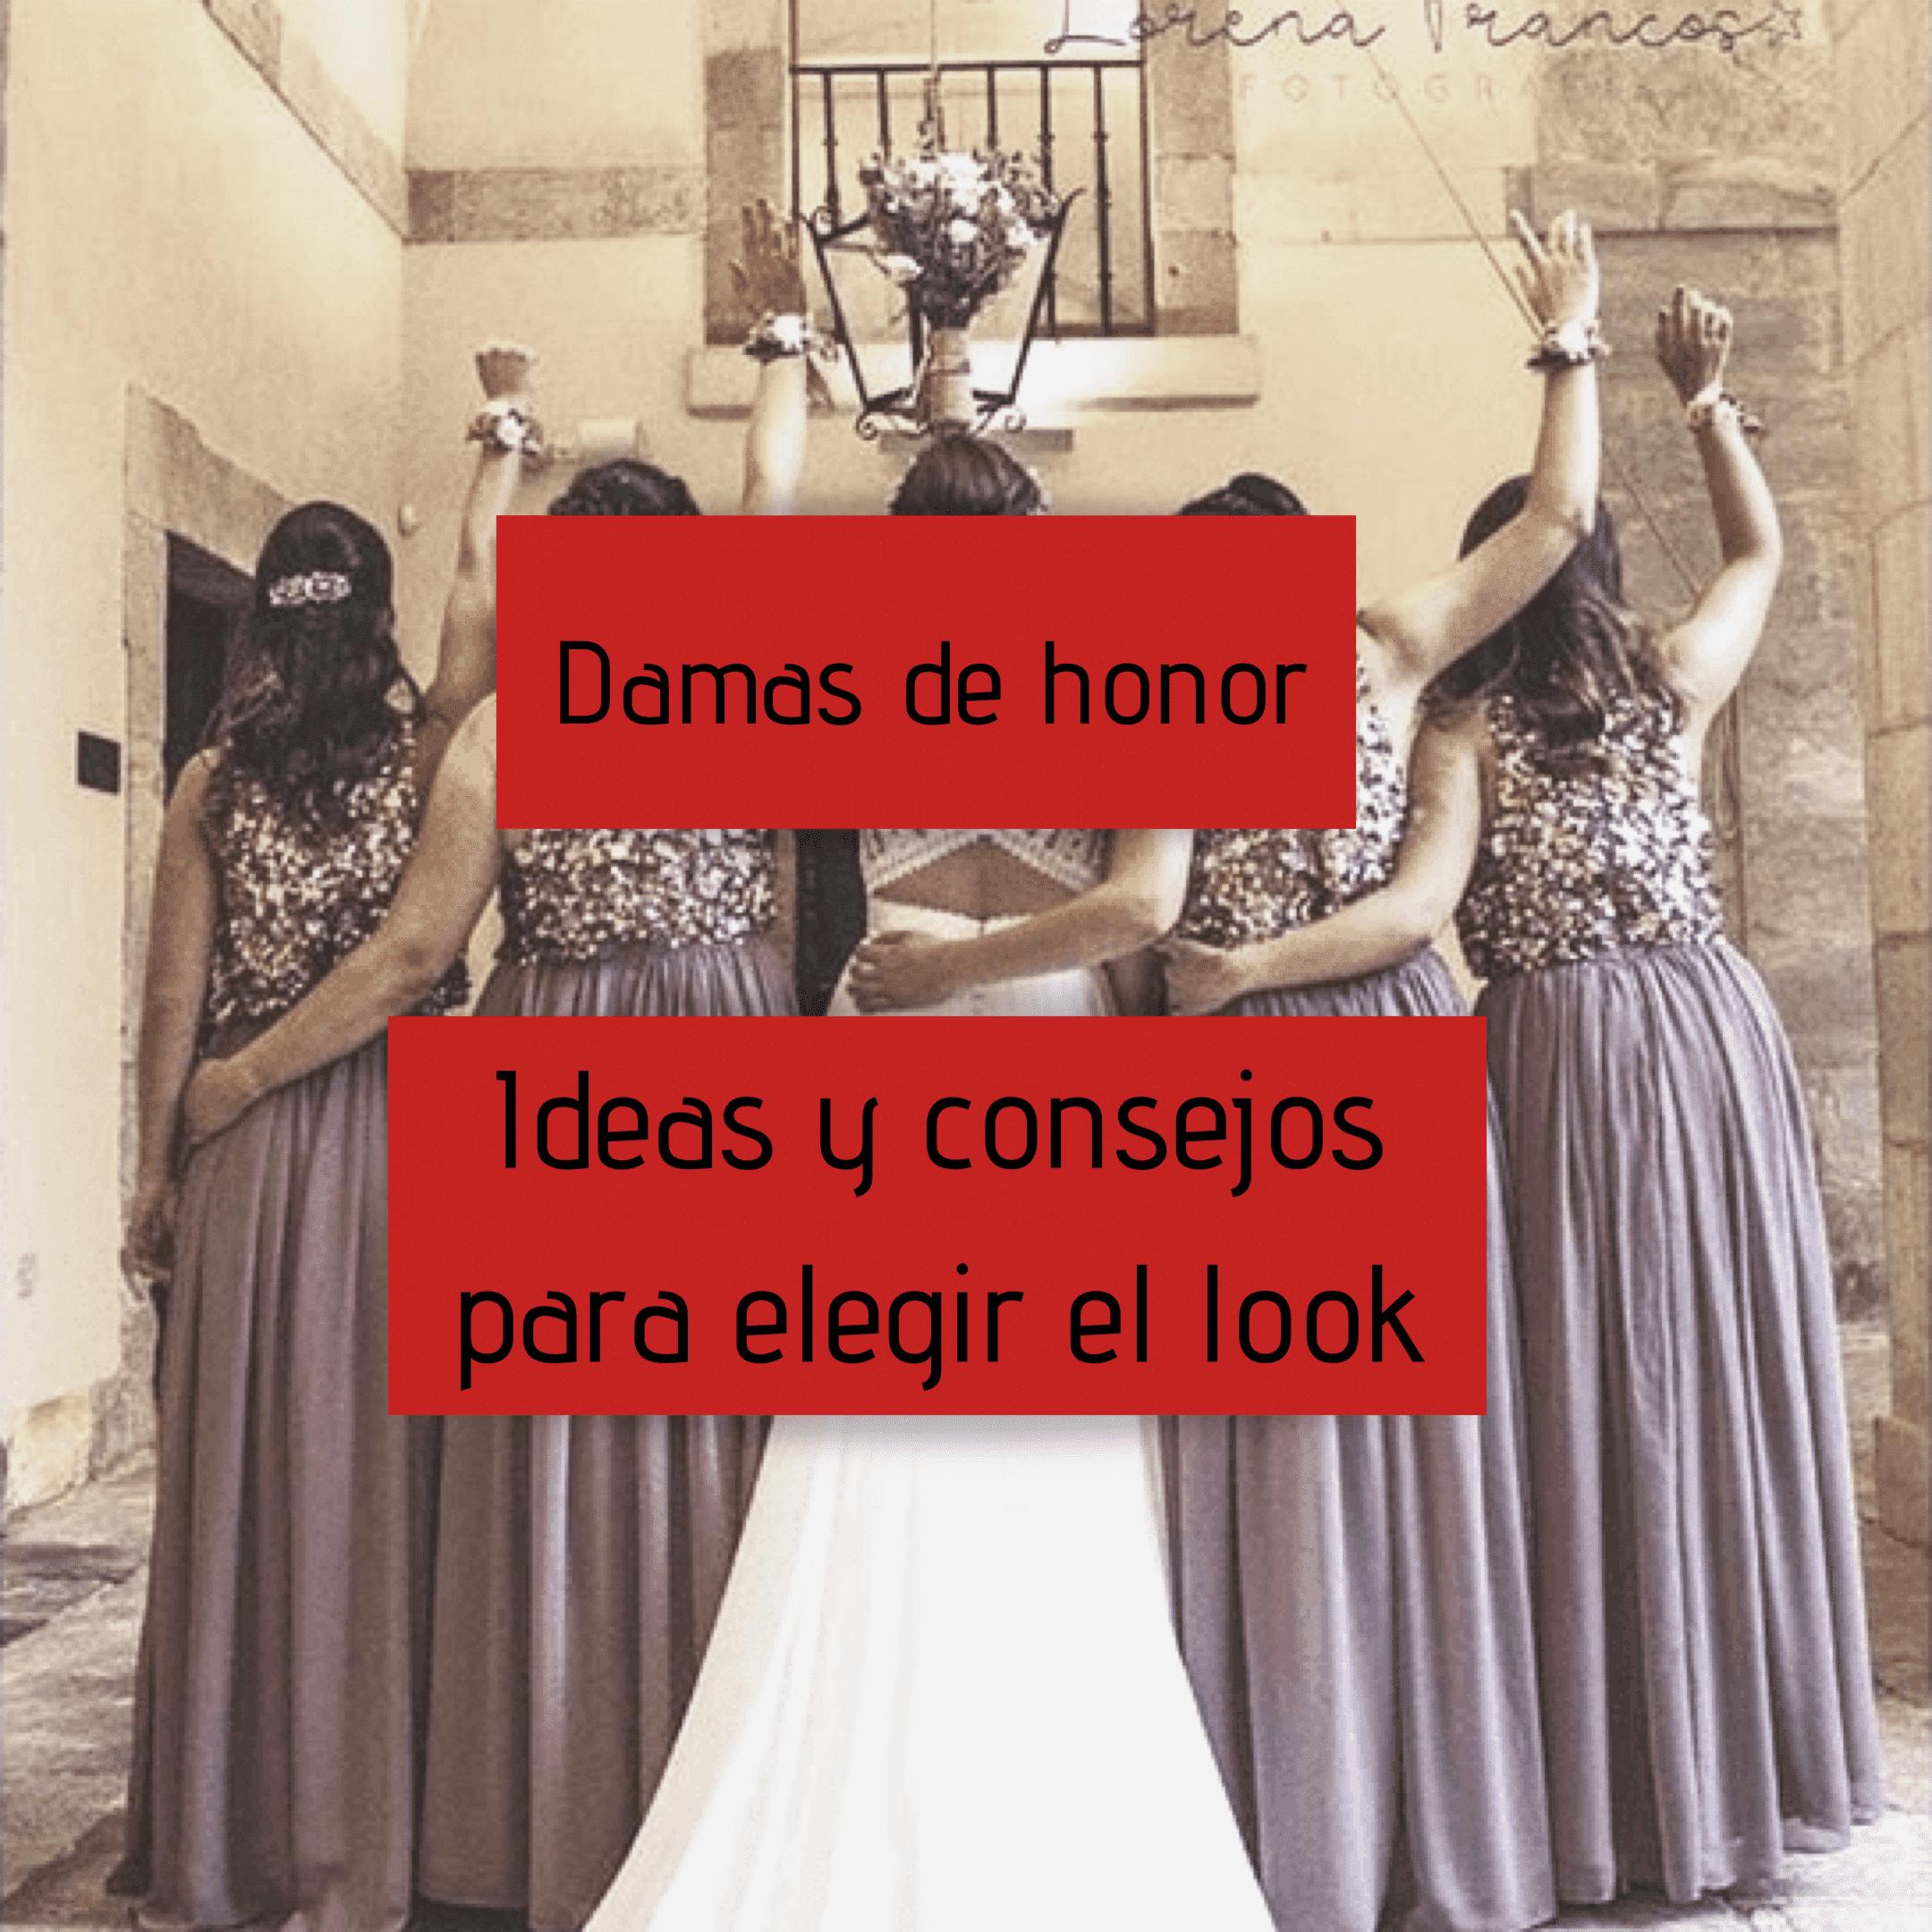 Damas de honor – ideas y consejos para elegir el look